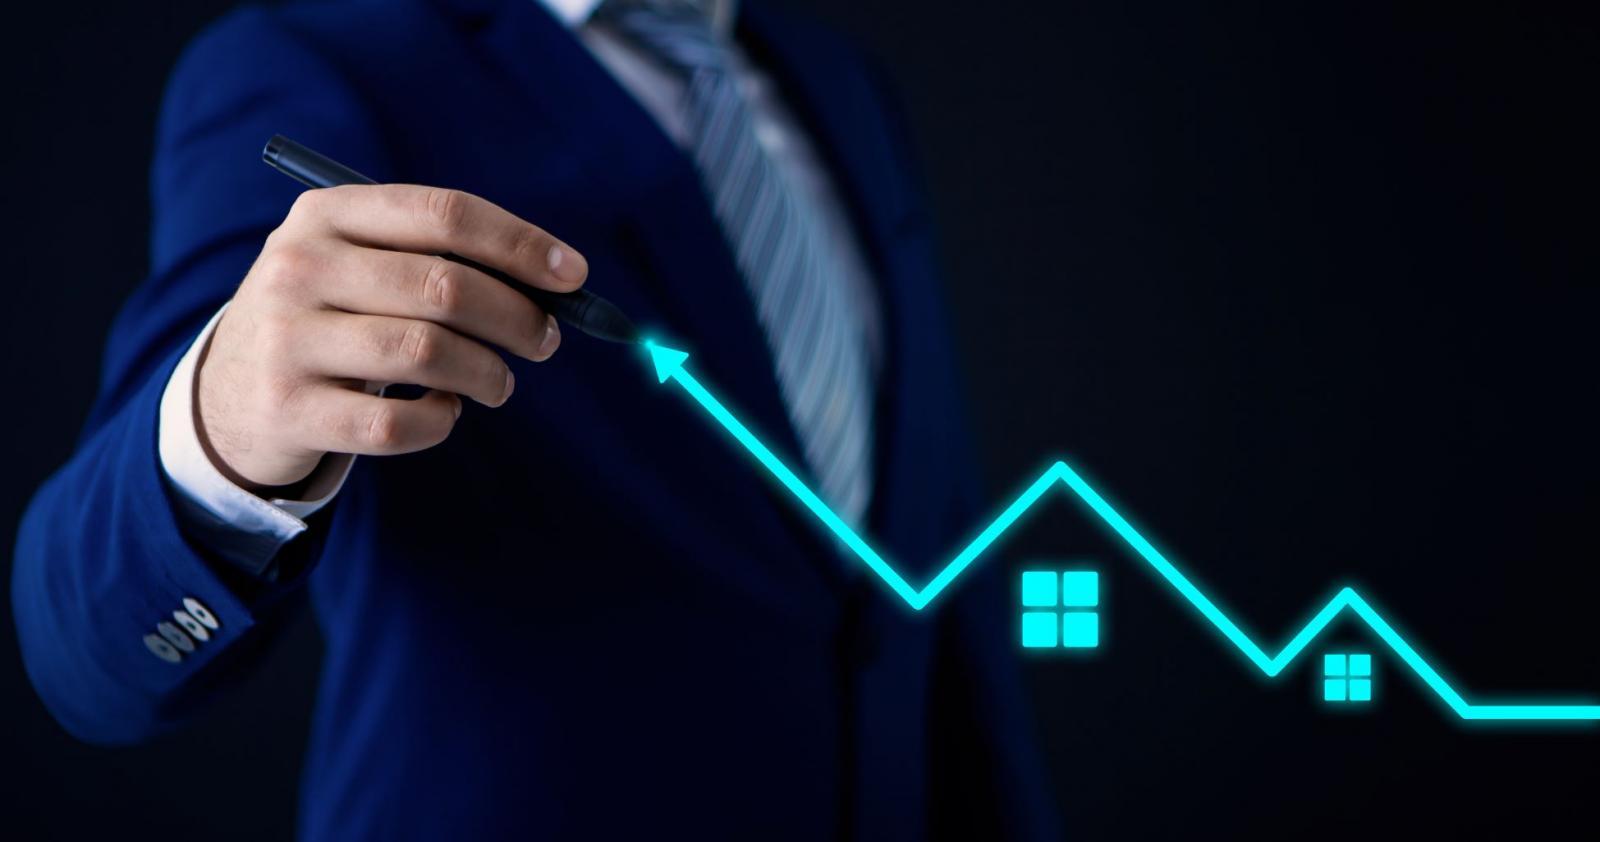 Người đàn ông mặc vest xanh tay cầm bút vẽ một đường zic zắc màu xanh có hình ngôi nhà.